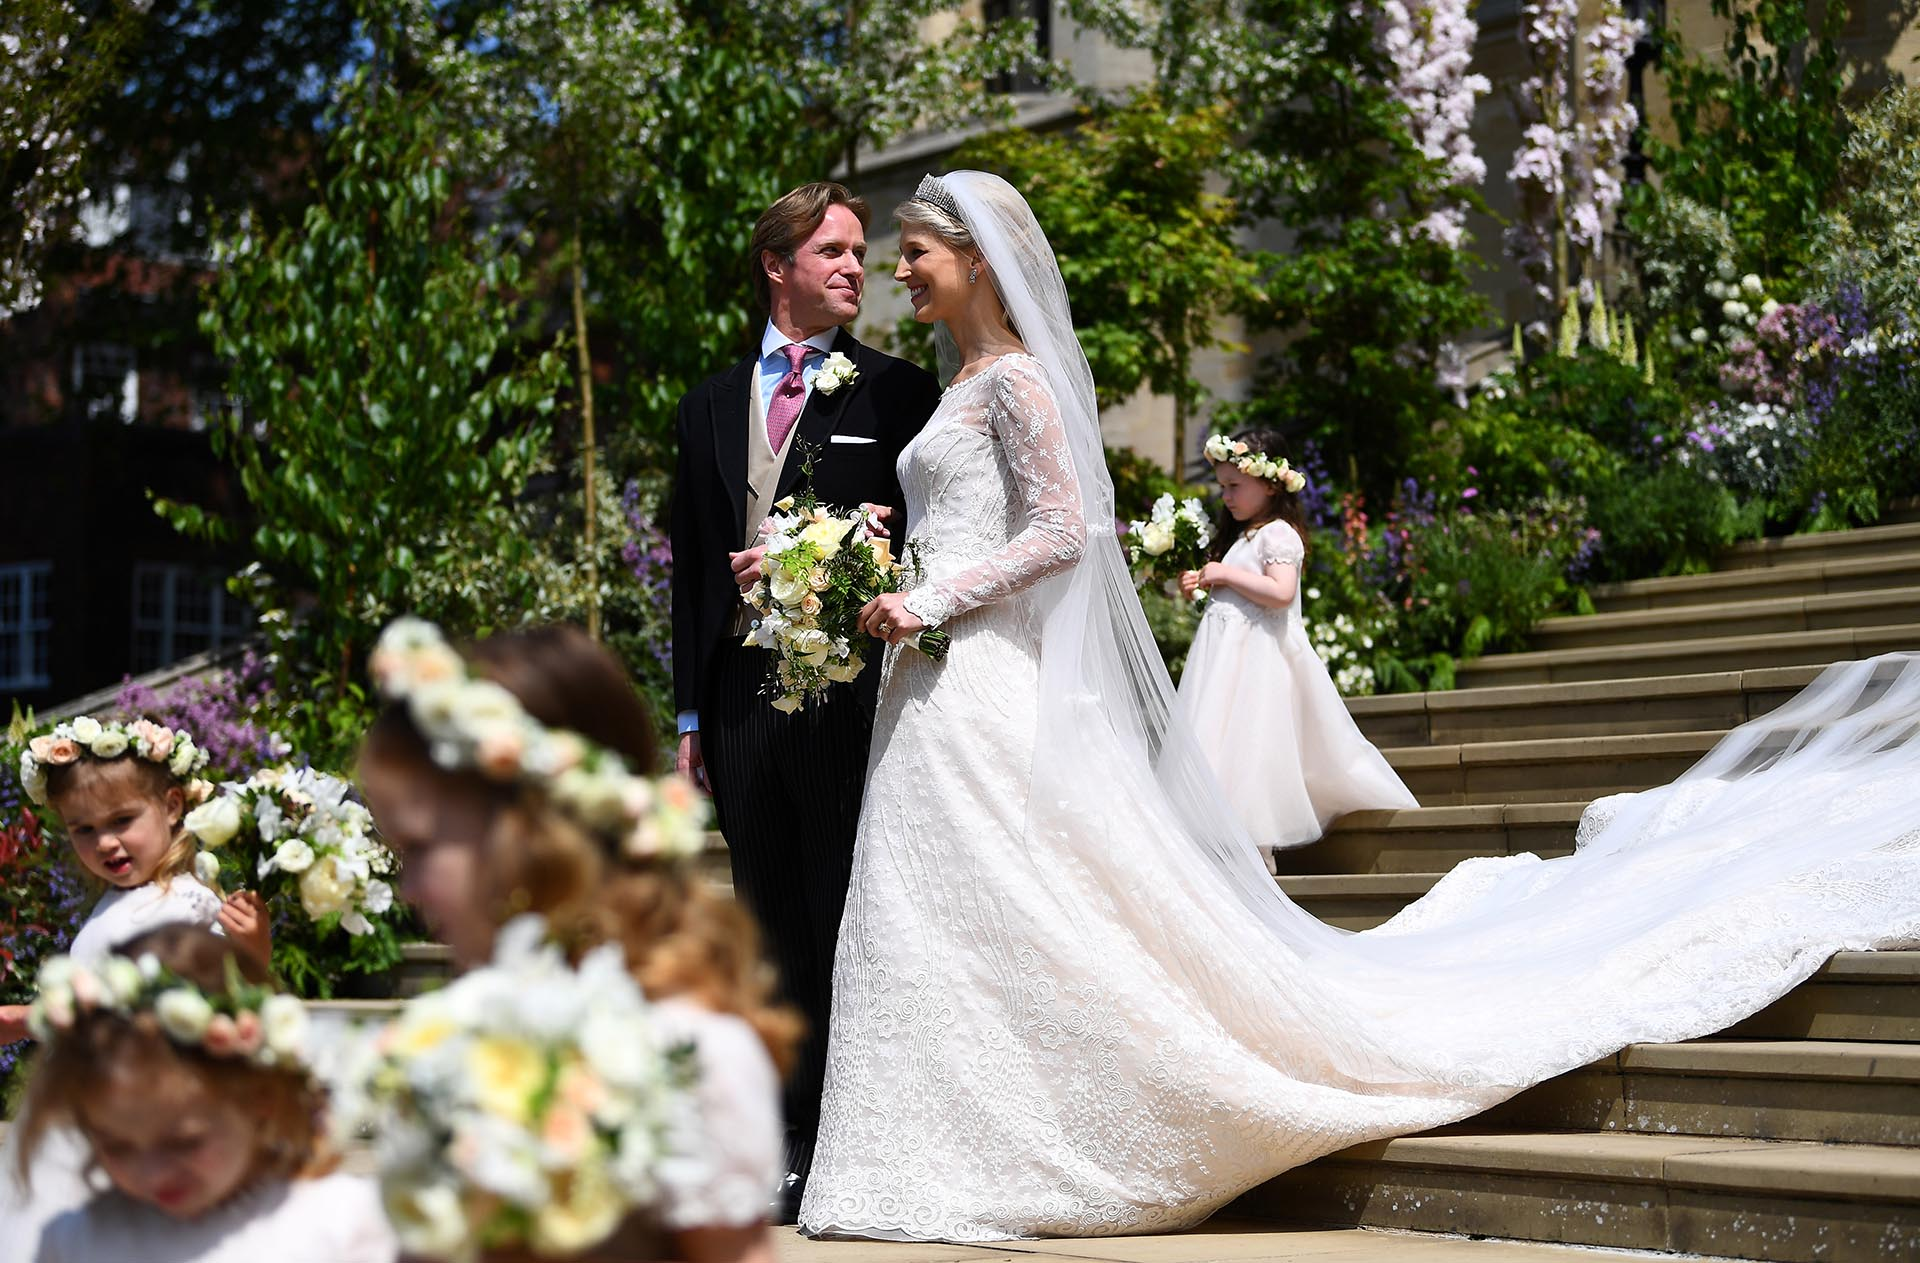 Lady Gabriella cautivó con un vestido de la diseñadora italiana Luisa Beccaria. Los novios se casaron en el Castillo de Windsor, en el mismo sitio que lo hicieron los duques de Sussex y la princesa Eugenia de York